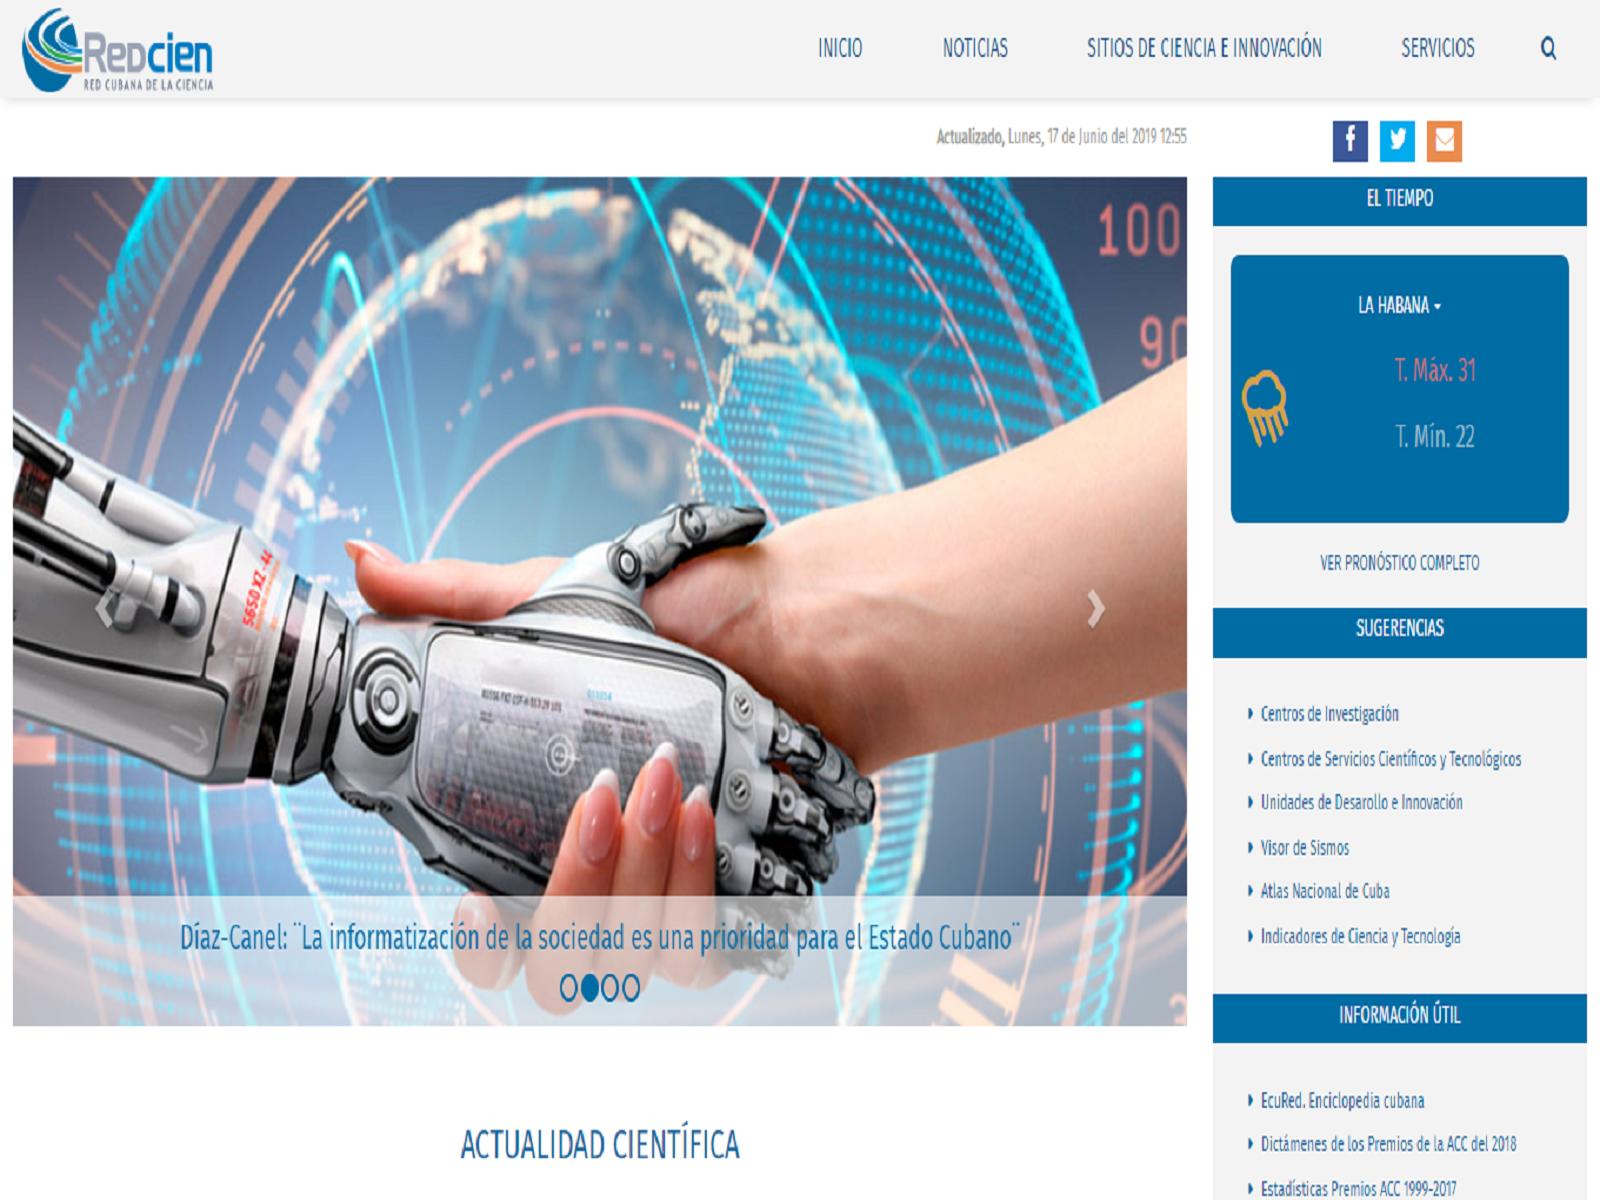 Portal de la Red Cubana de la Ciencia